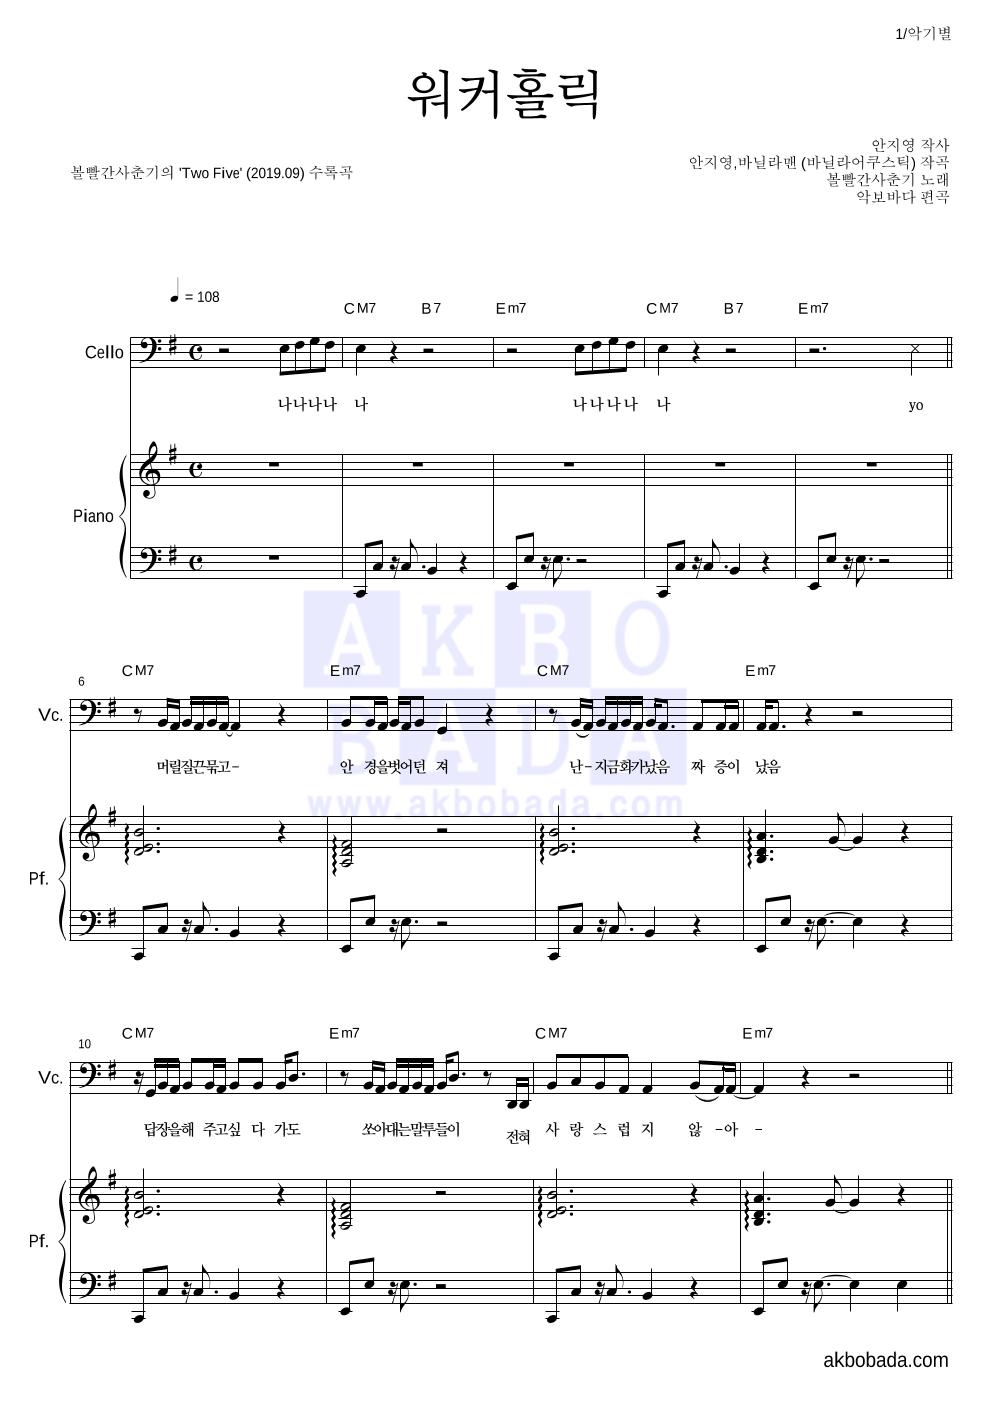 볼빨간사춘기 - 워커홀릭 첼로&피아노 악보